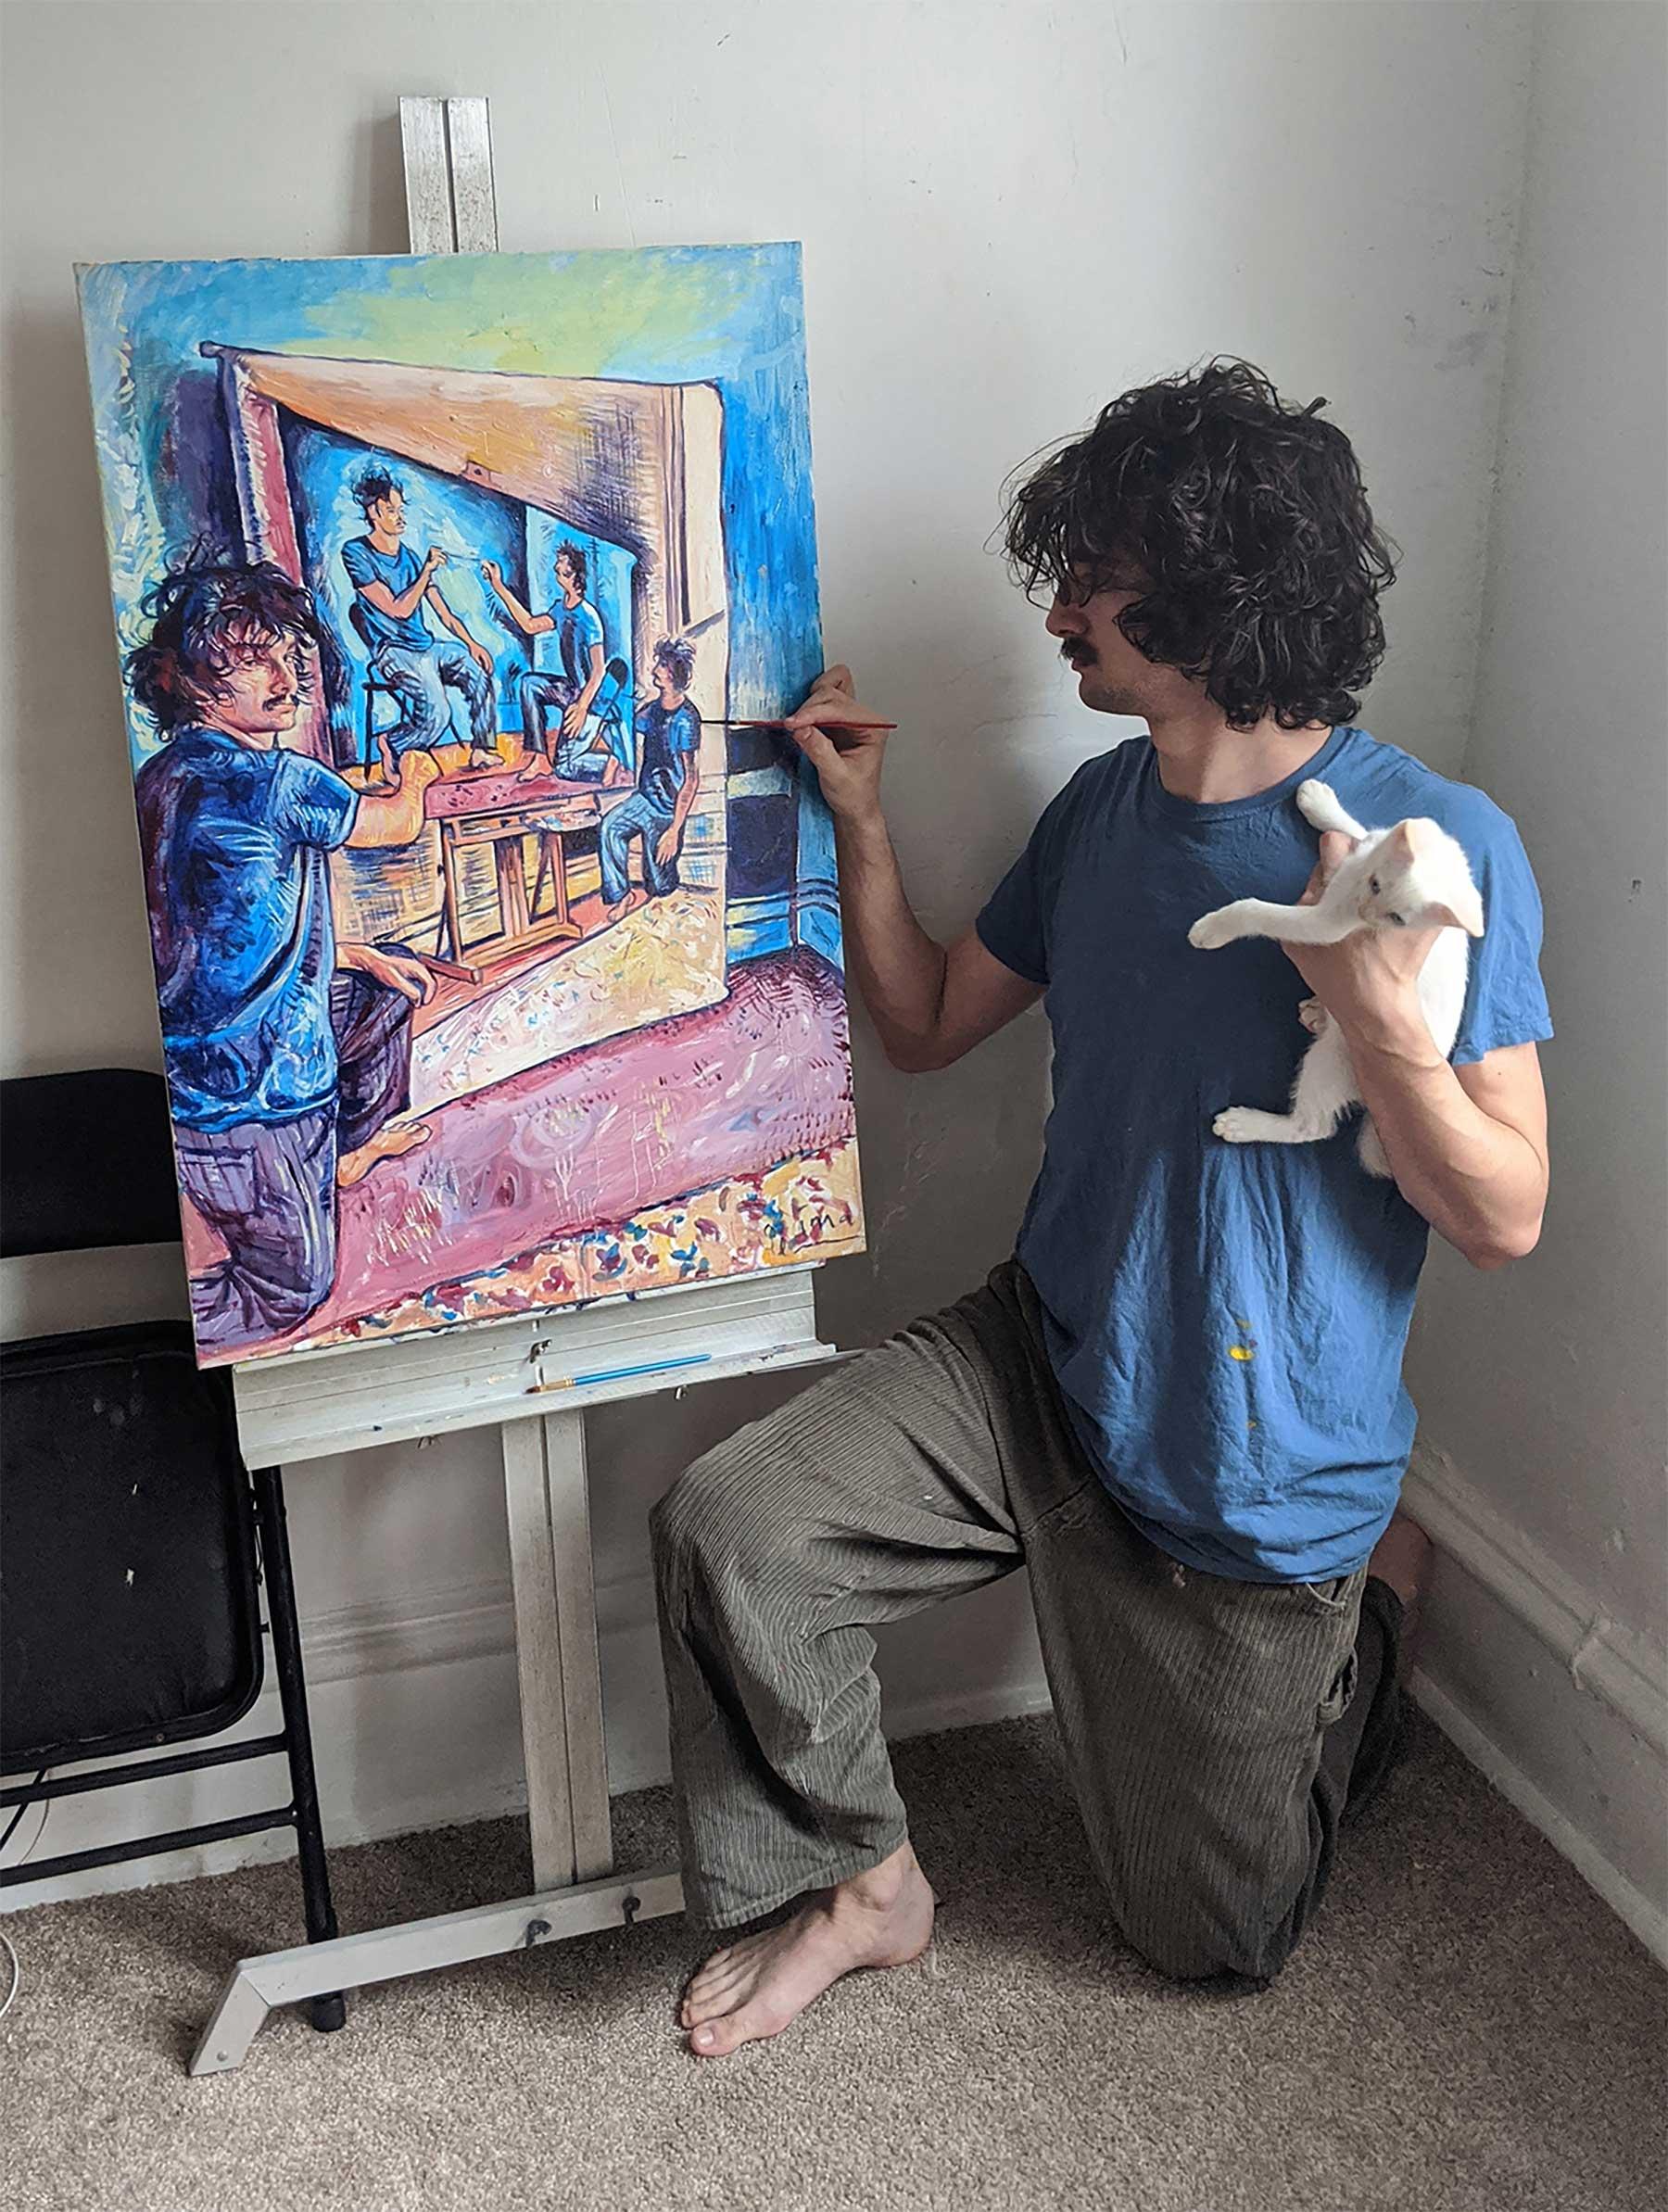 Seamus Wray malt sich, wie er sich malt, wie er sich malt, wie ... Seamus-Wray-self-portrait-meta-levels_05